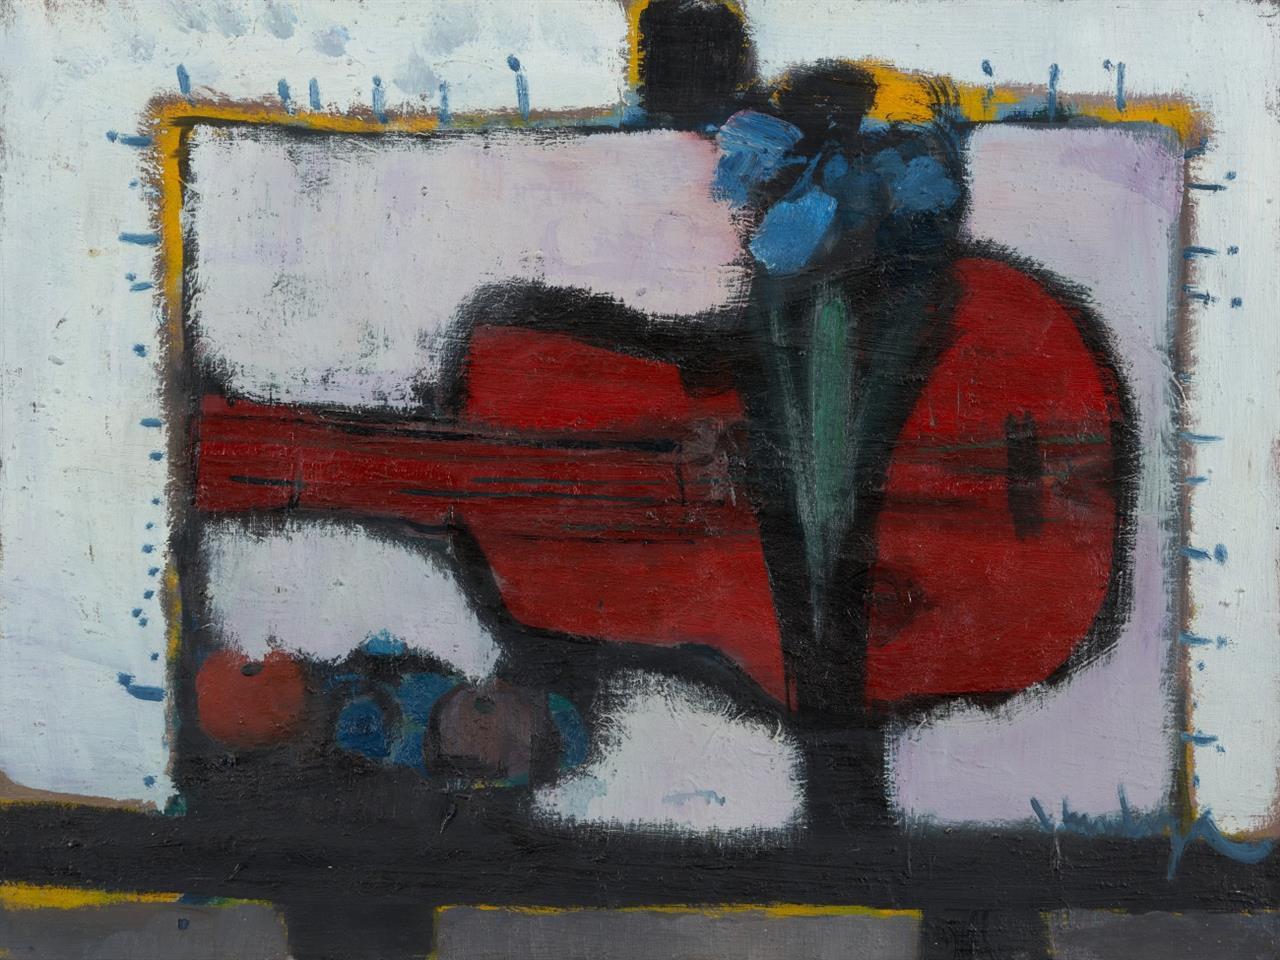 Friedrich Vordemberge. Stillleben mit Gitarre, Früchten und Blumen. Öl /Lw. Signiert.